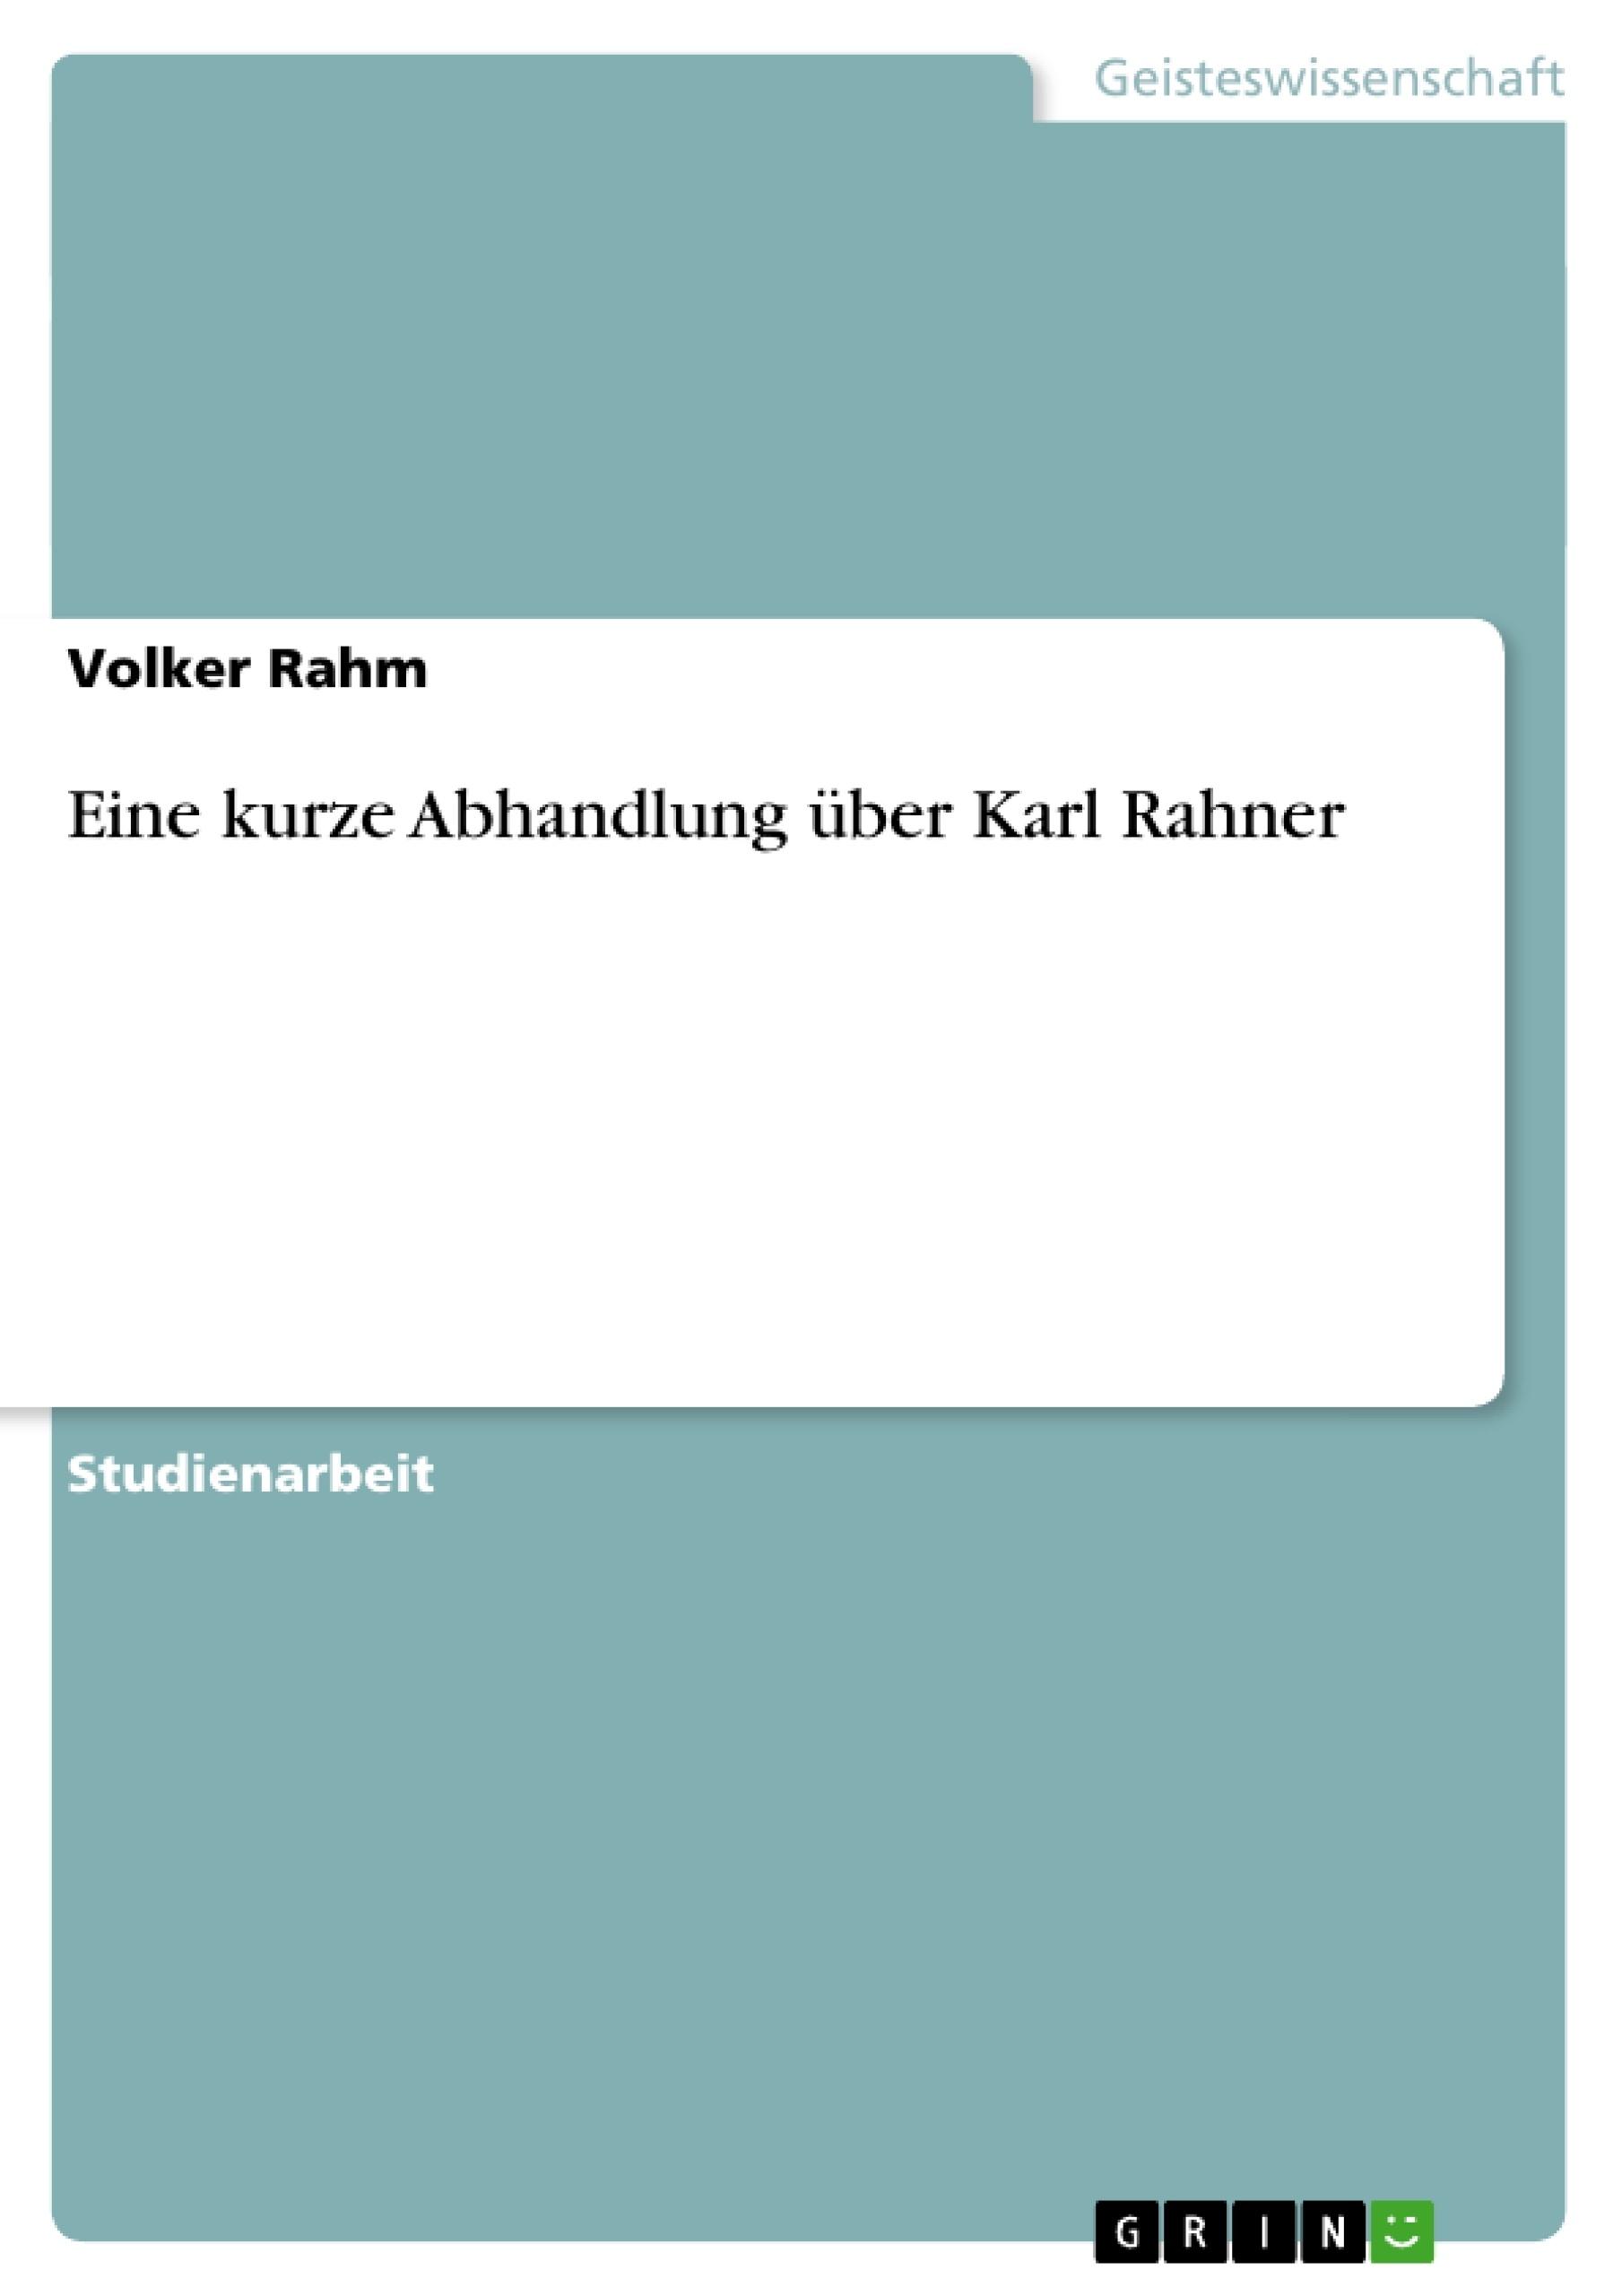 Titel: Eine kurze Abhandlung über Karl Rahner